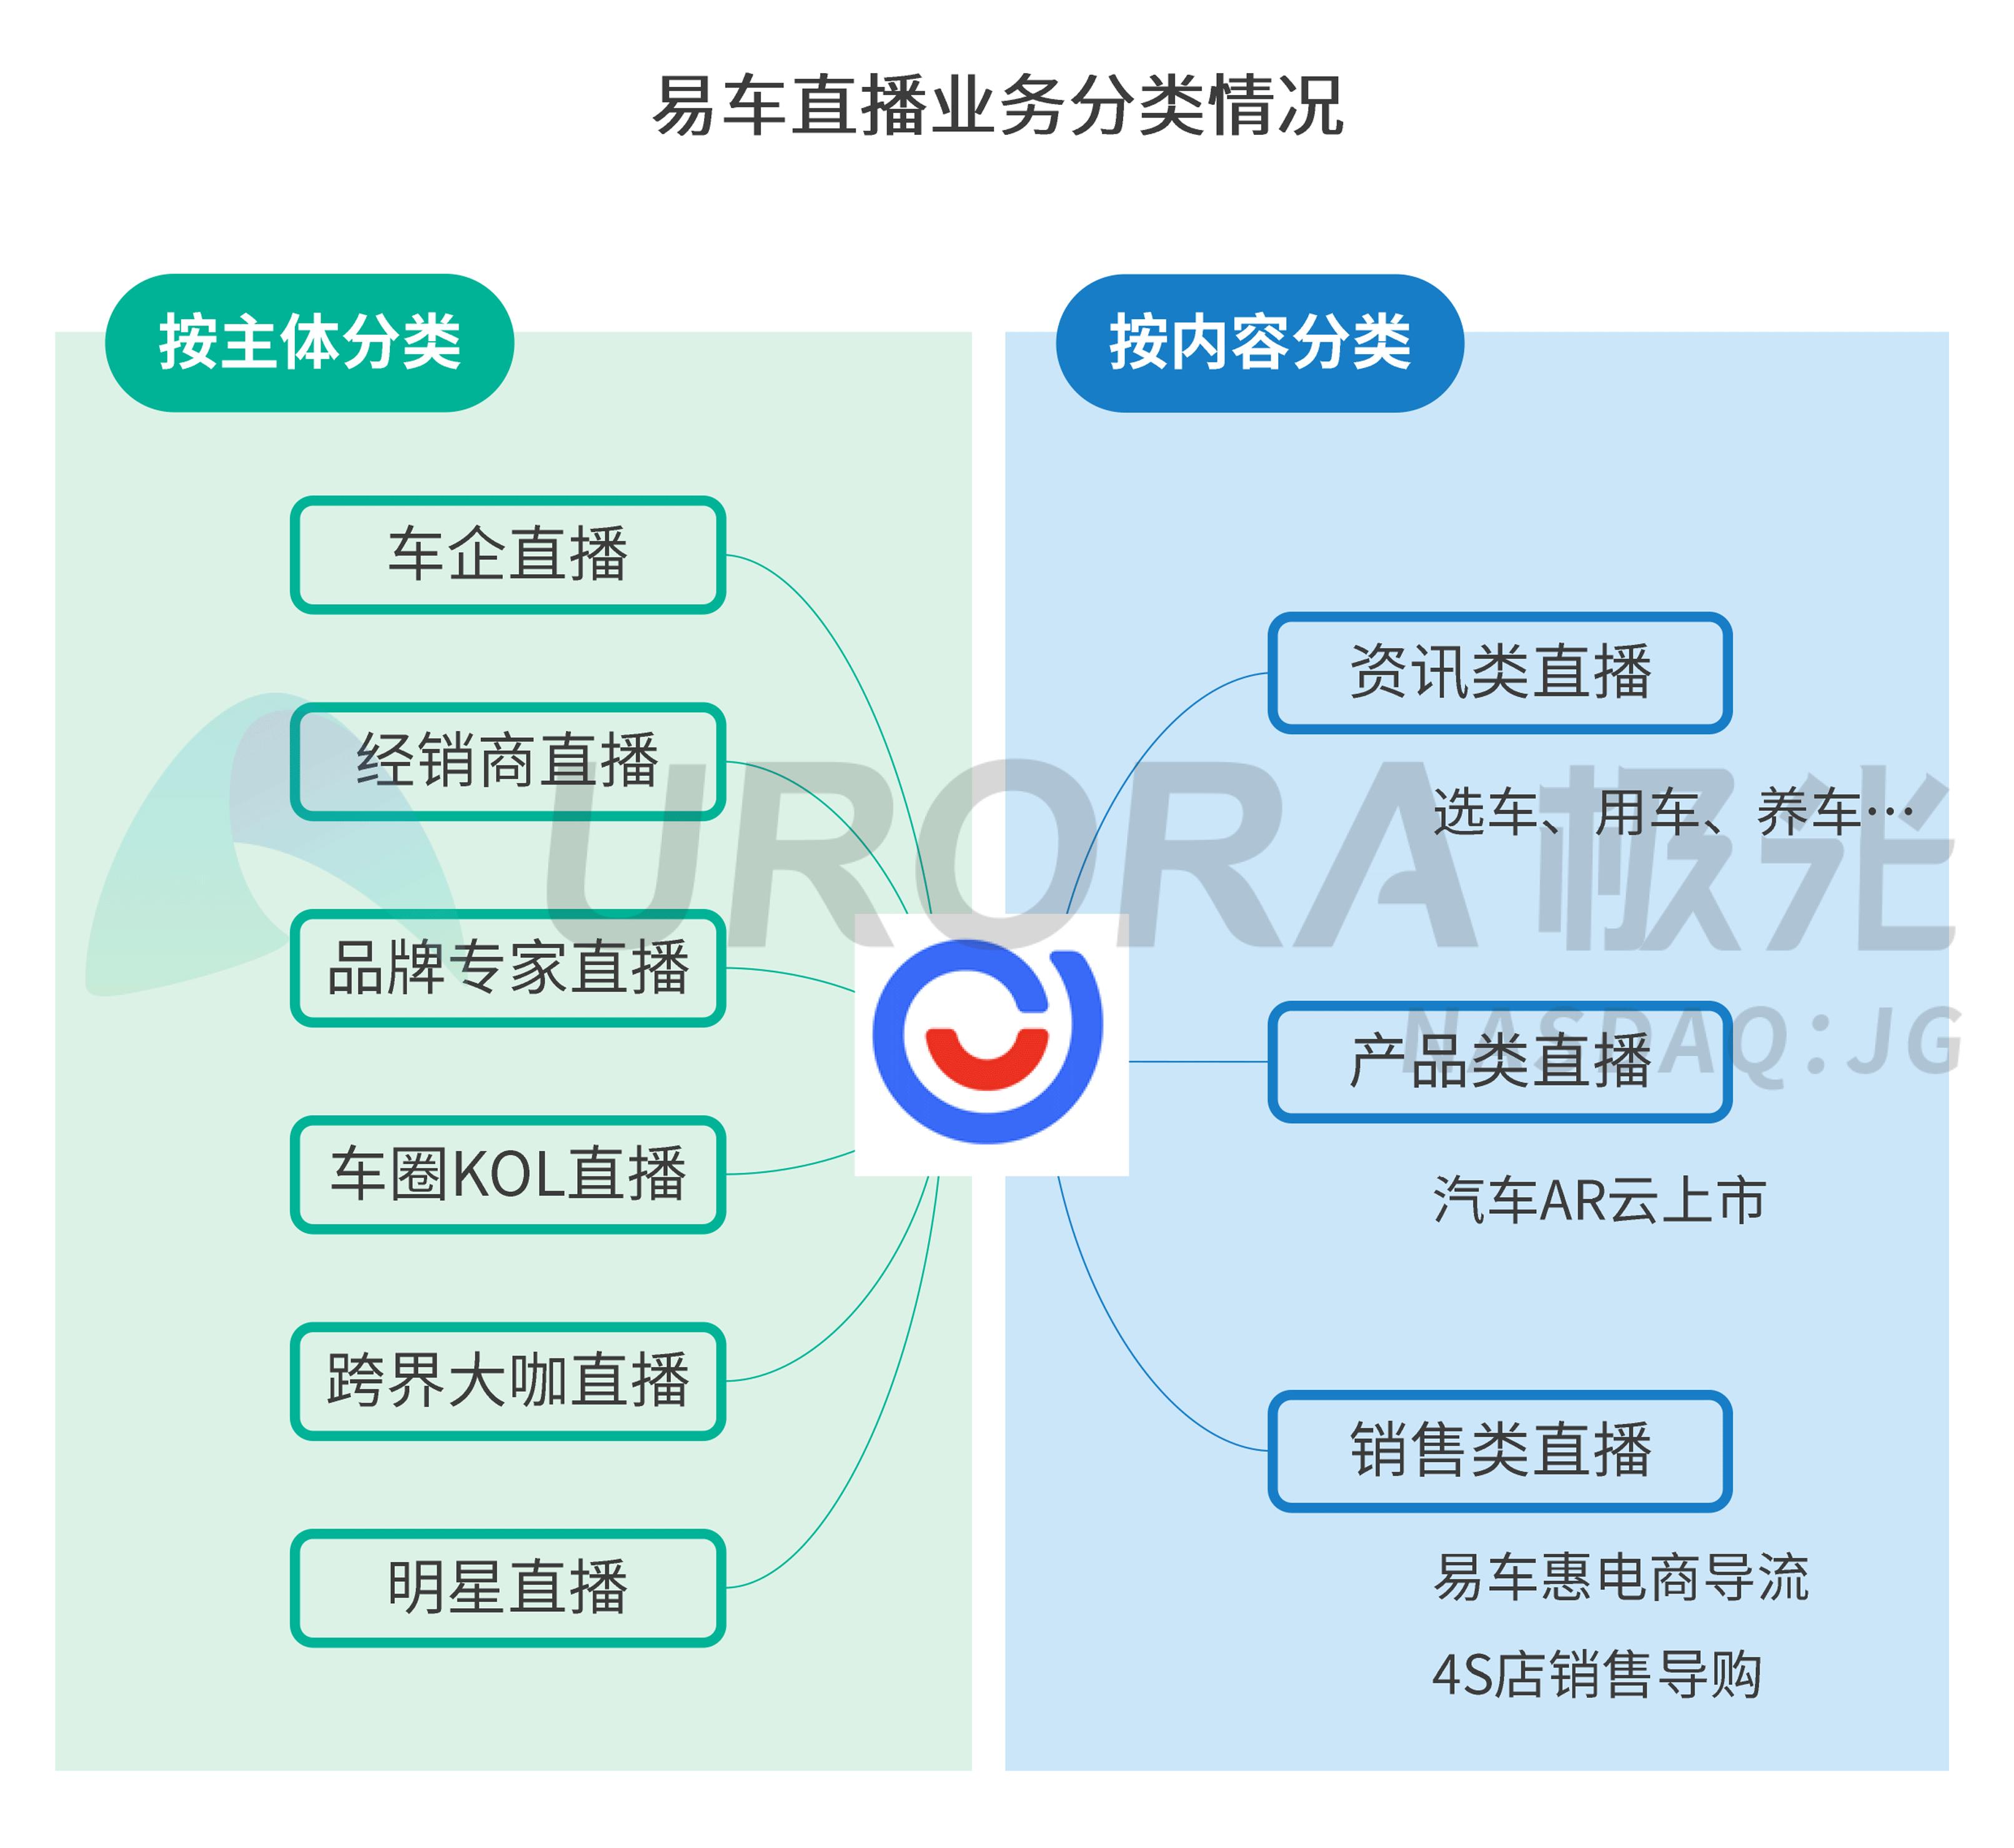 极光:疫情下的汽车直播研究报告 (16).png